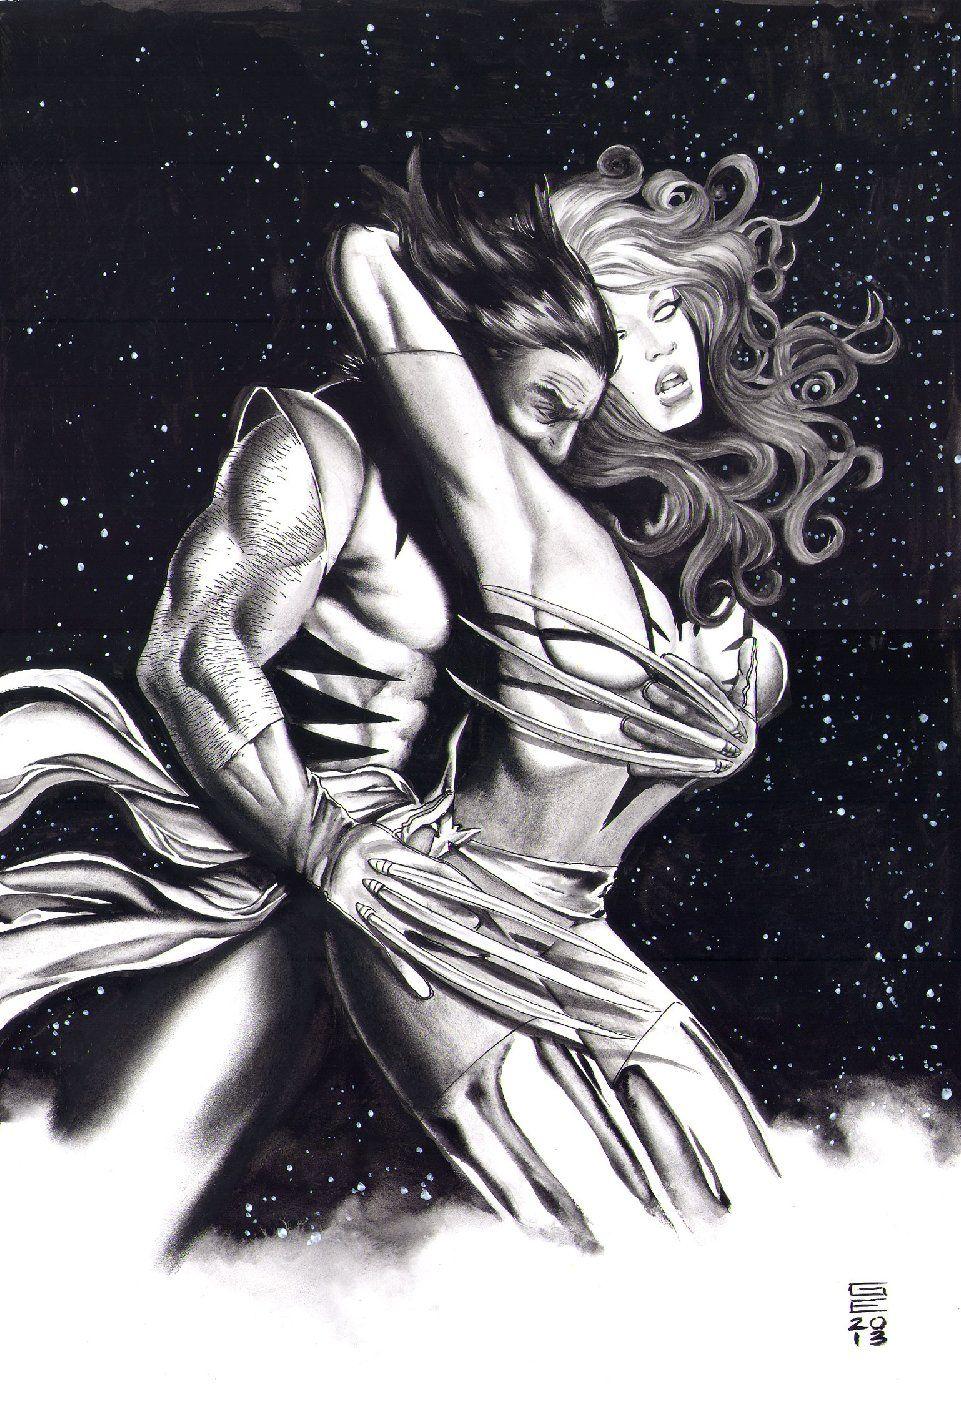 Dark Phoenix and Wolverine by Gene Espy